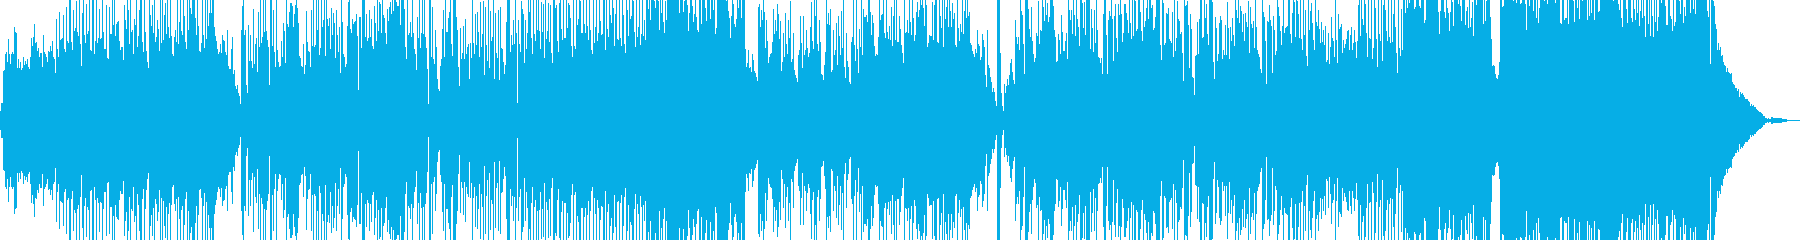 新鮮な空気感を演出・クールなロック Bの再生済みの波形